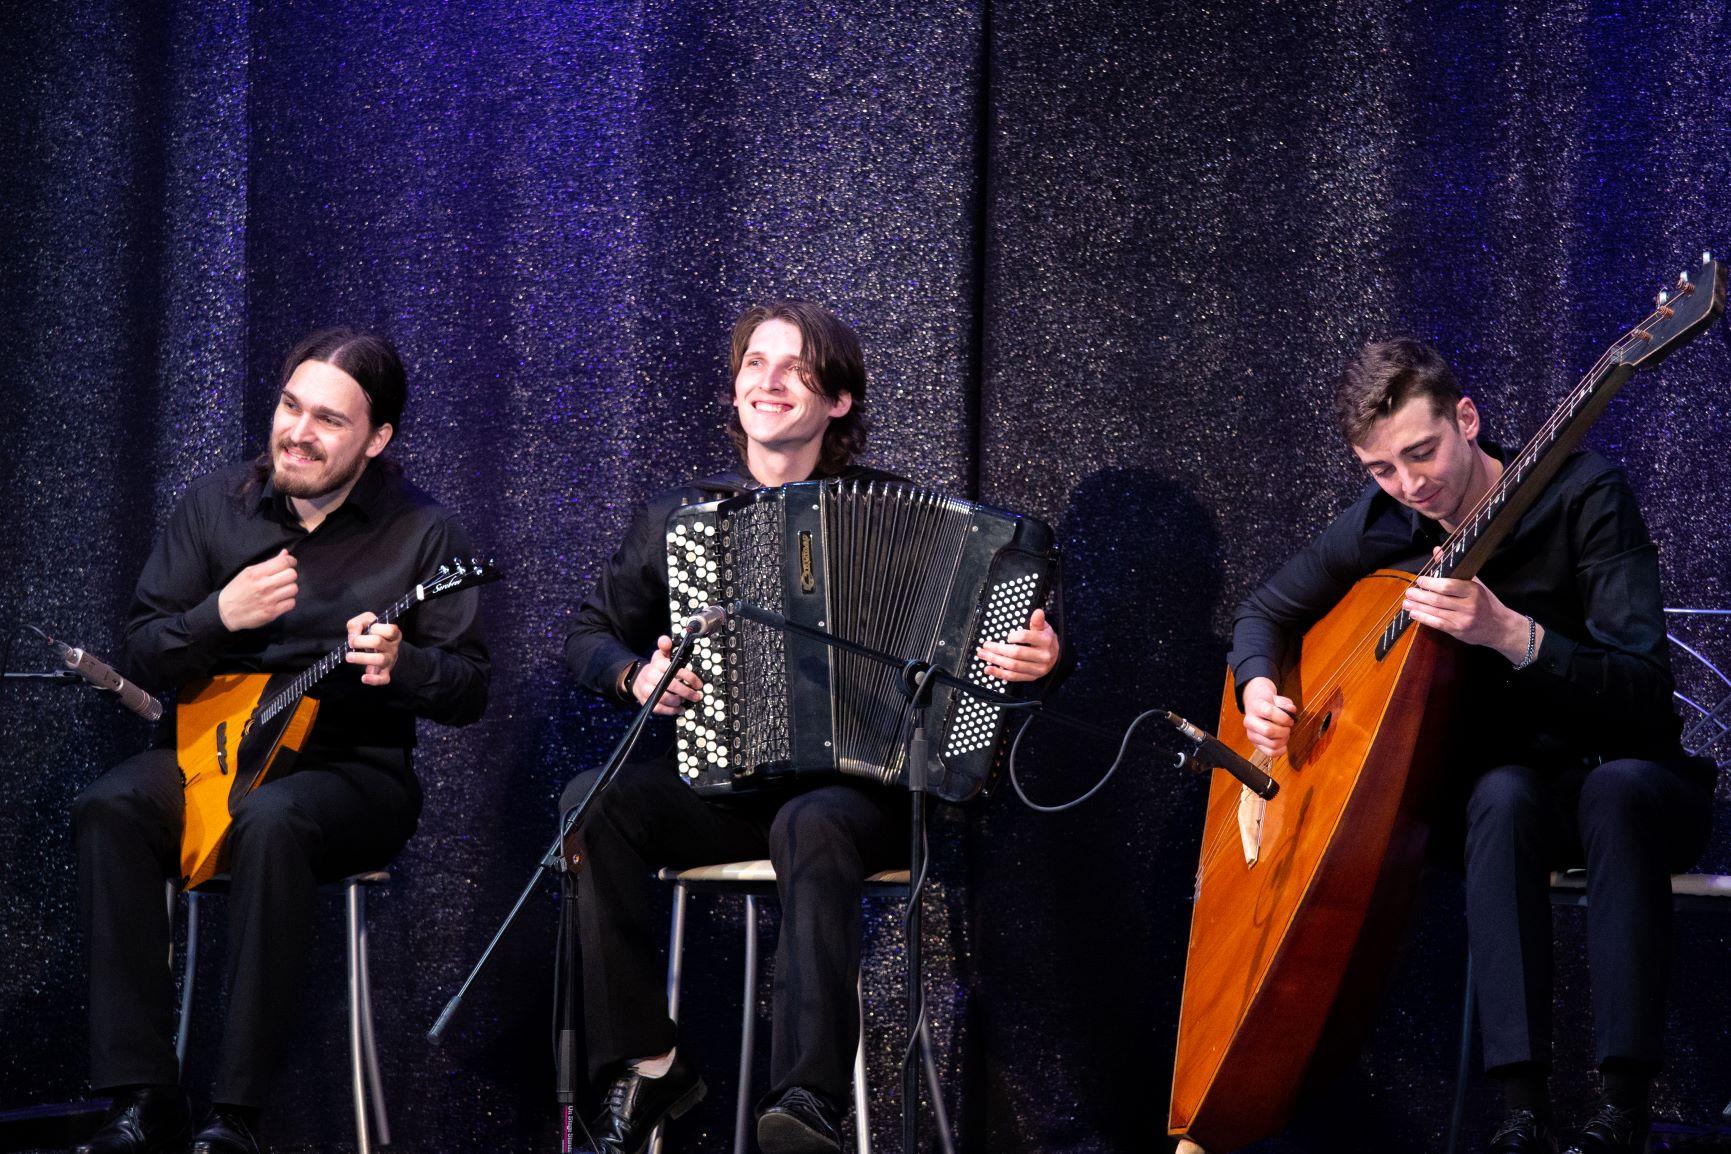 24 апреля ПЕРЕНОС на 20 сентября  XXIX Фестиваль классической музыки «Дальневосточная Весна» Концертная программа «Молодые таланты - жителям Приморья »